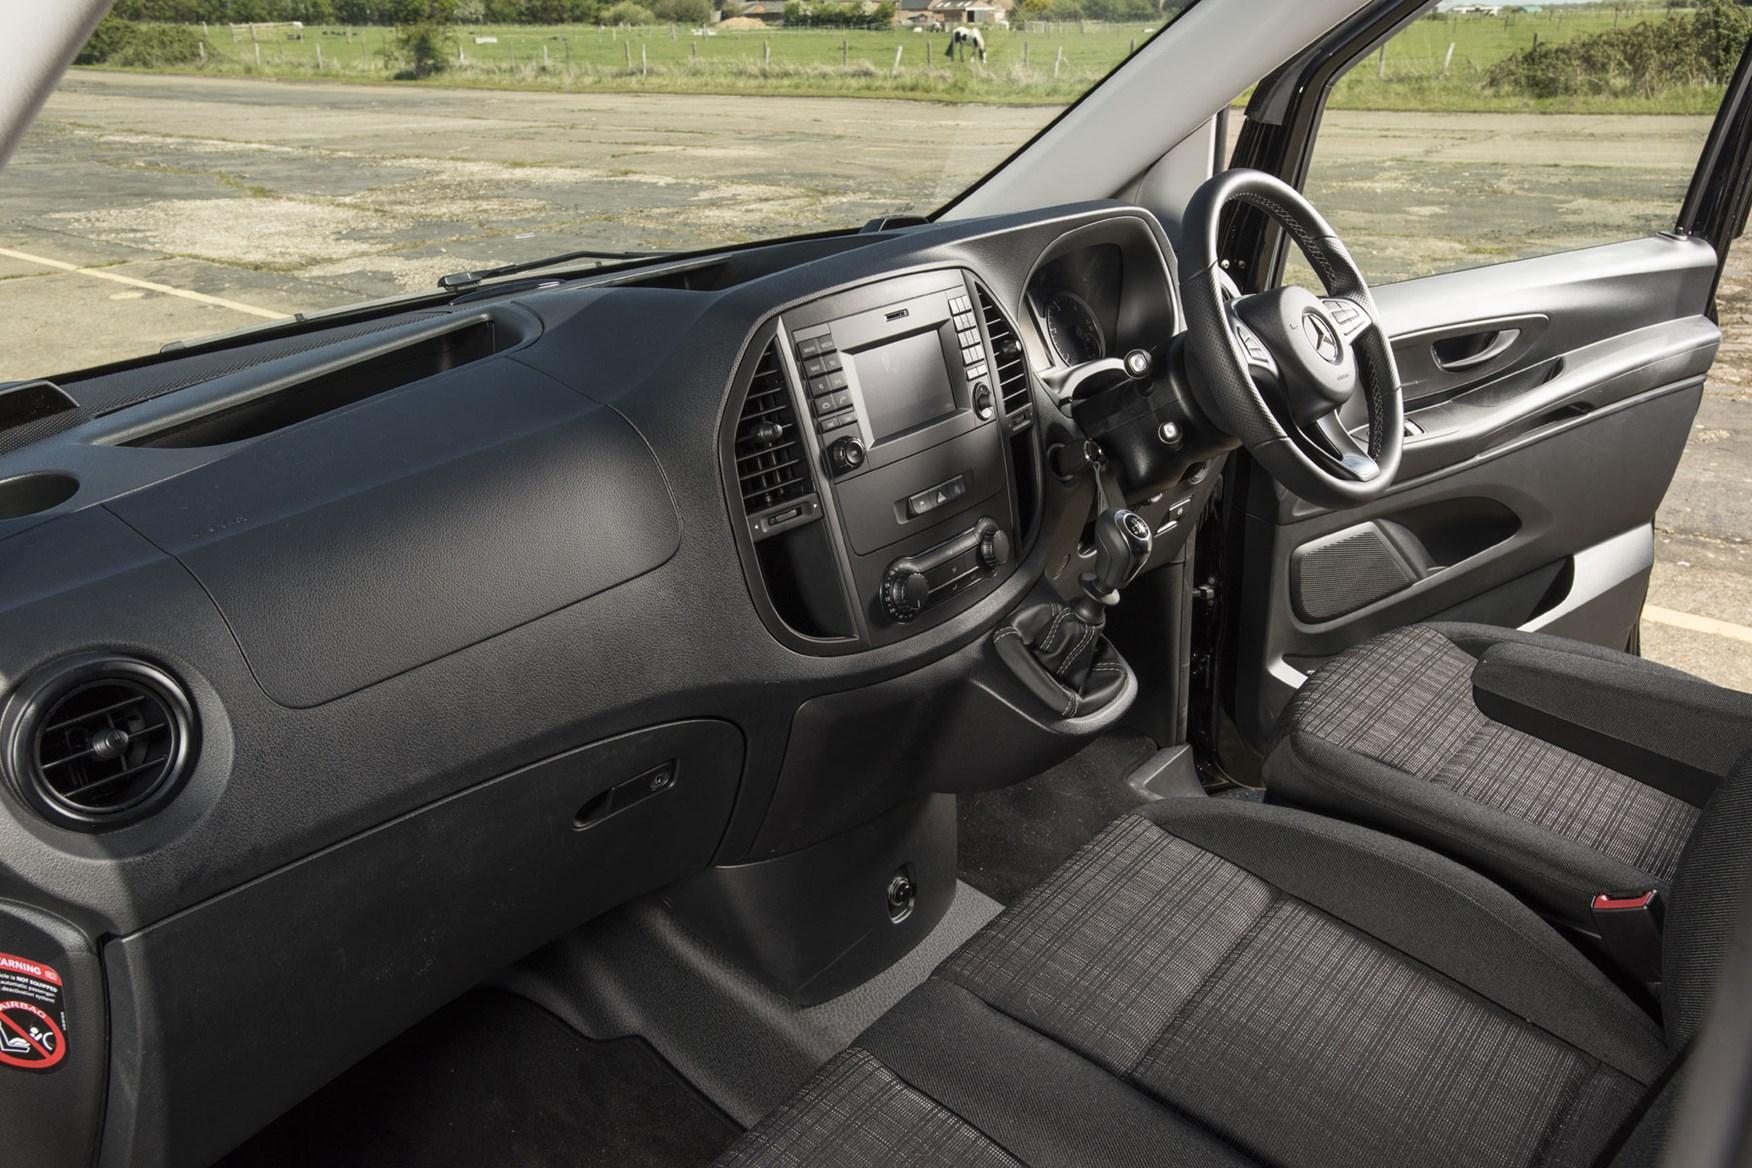 Mercedes Vito Premium review - cab interior